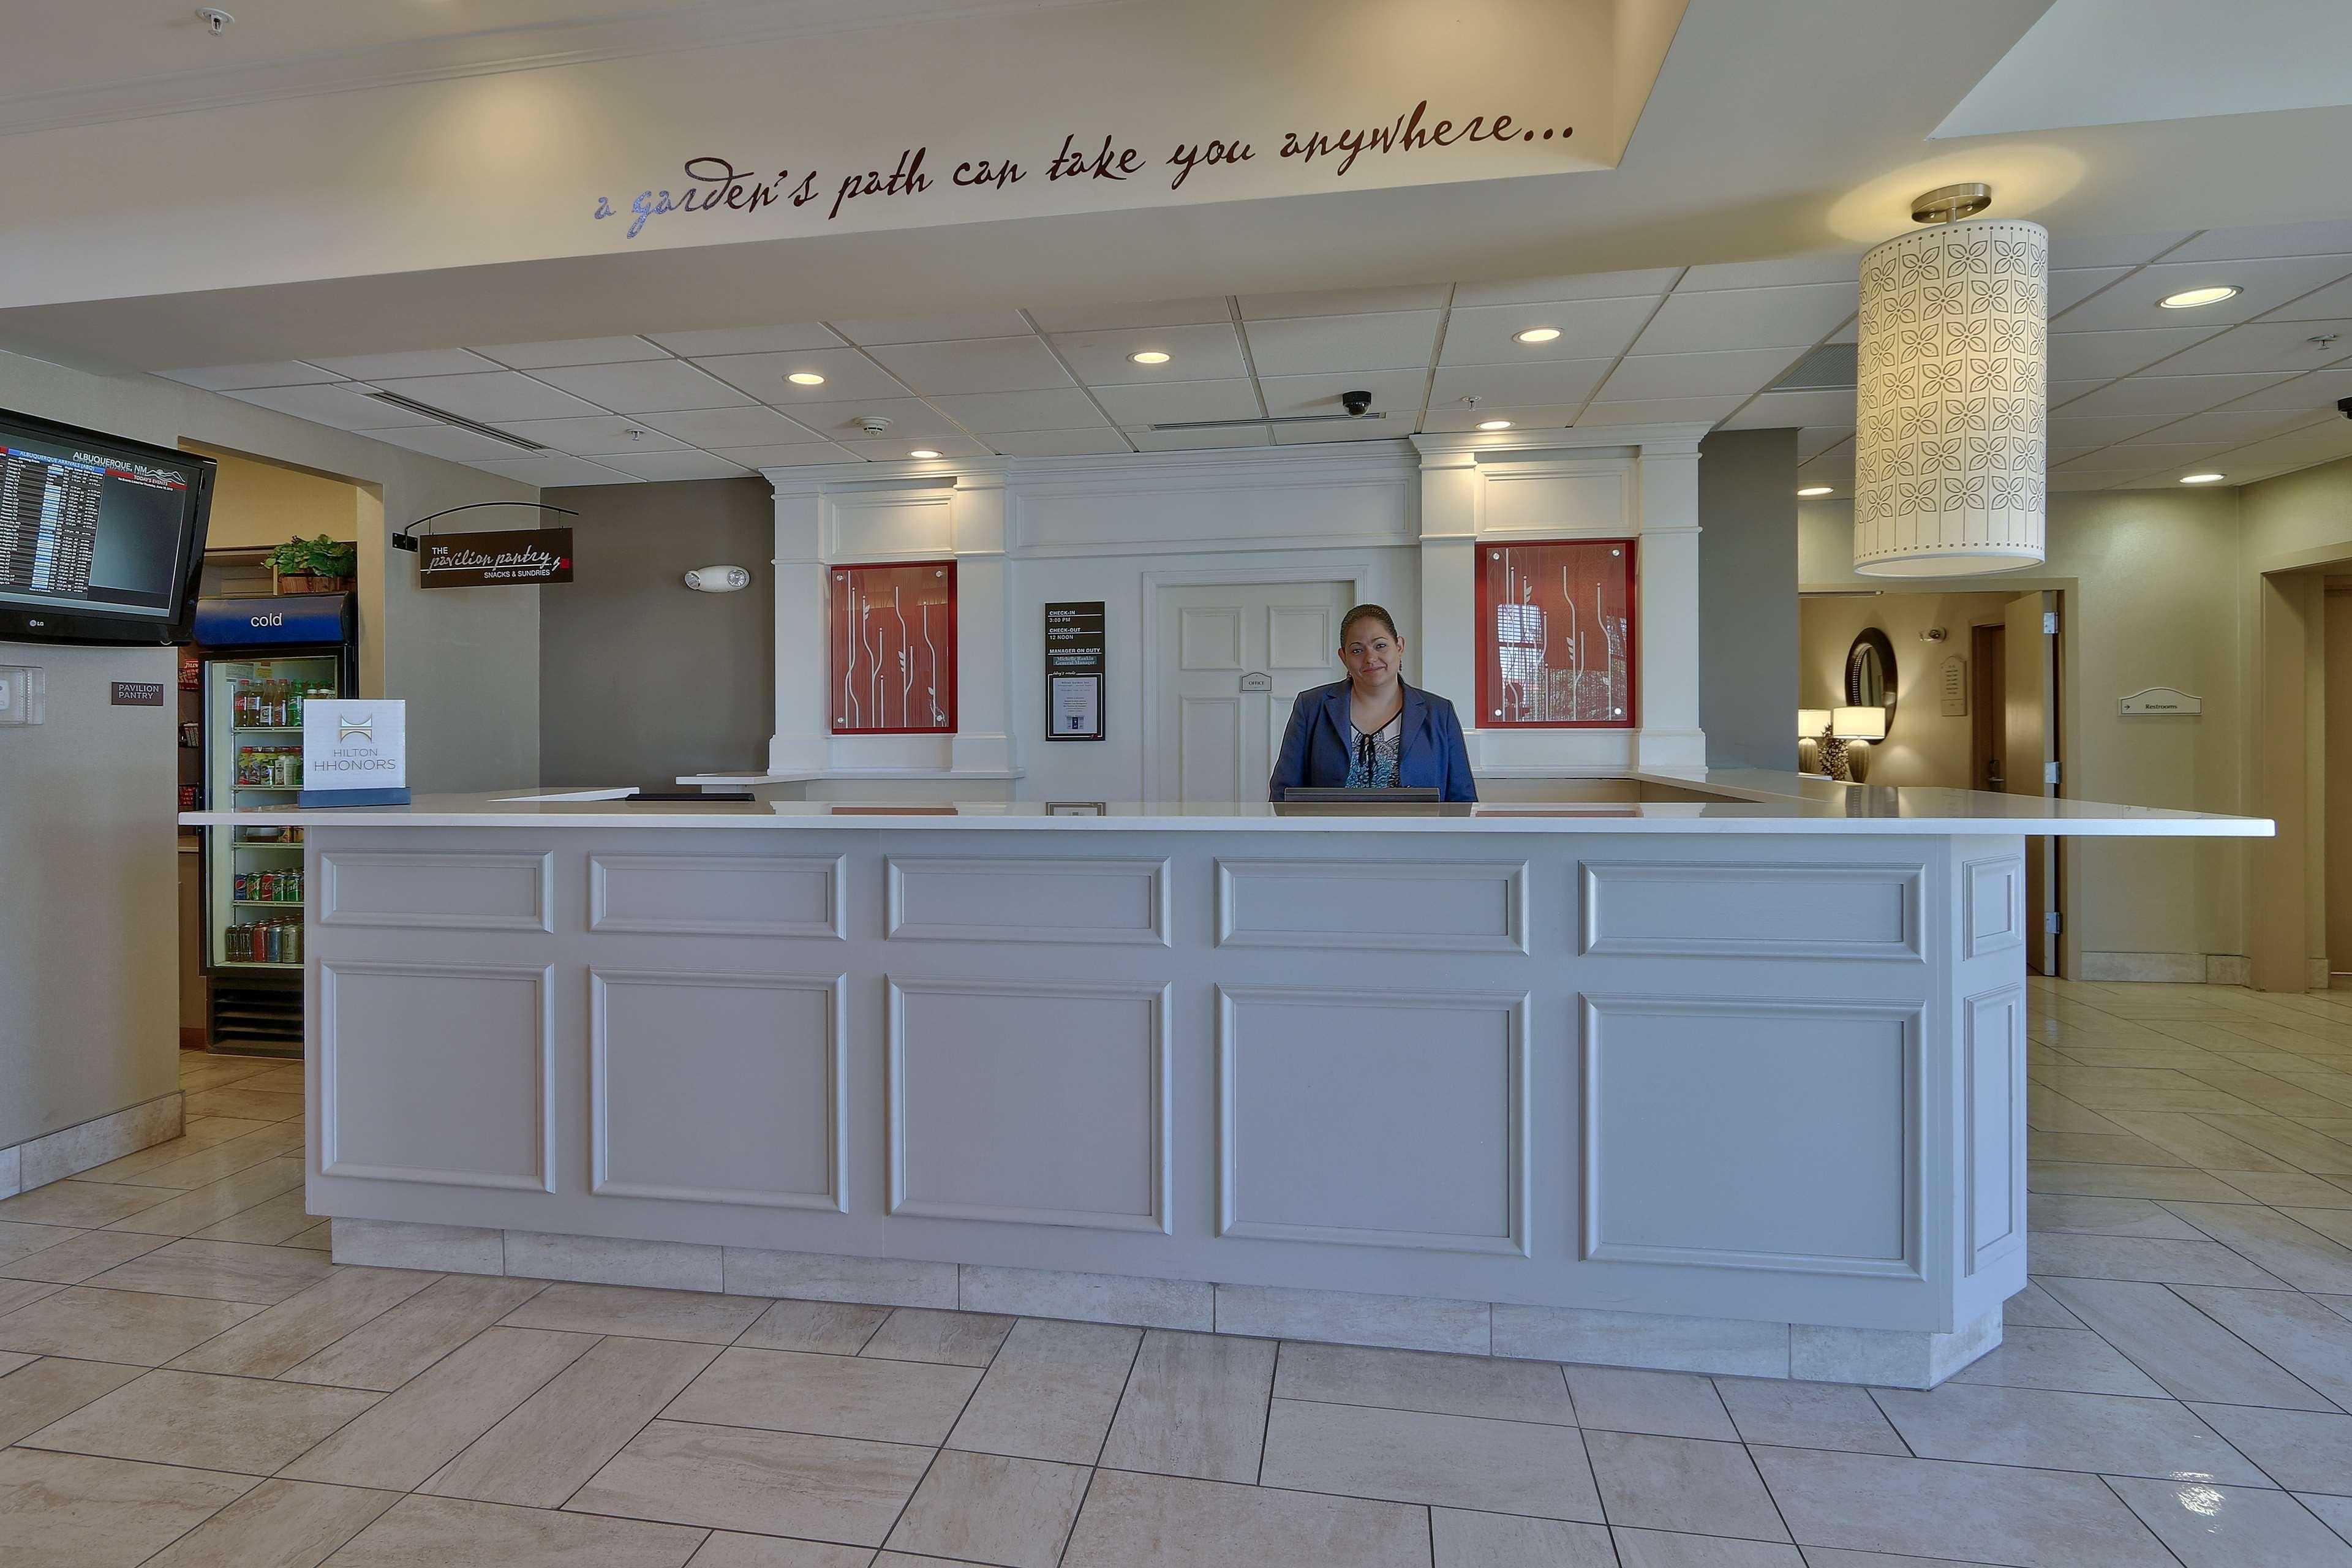 Hilton Garden Inn Albuquerque/Journal Center image 4